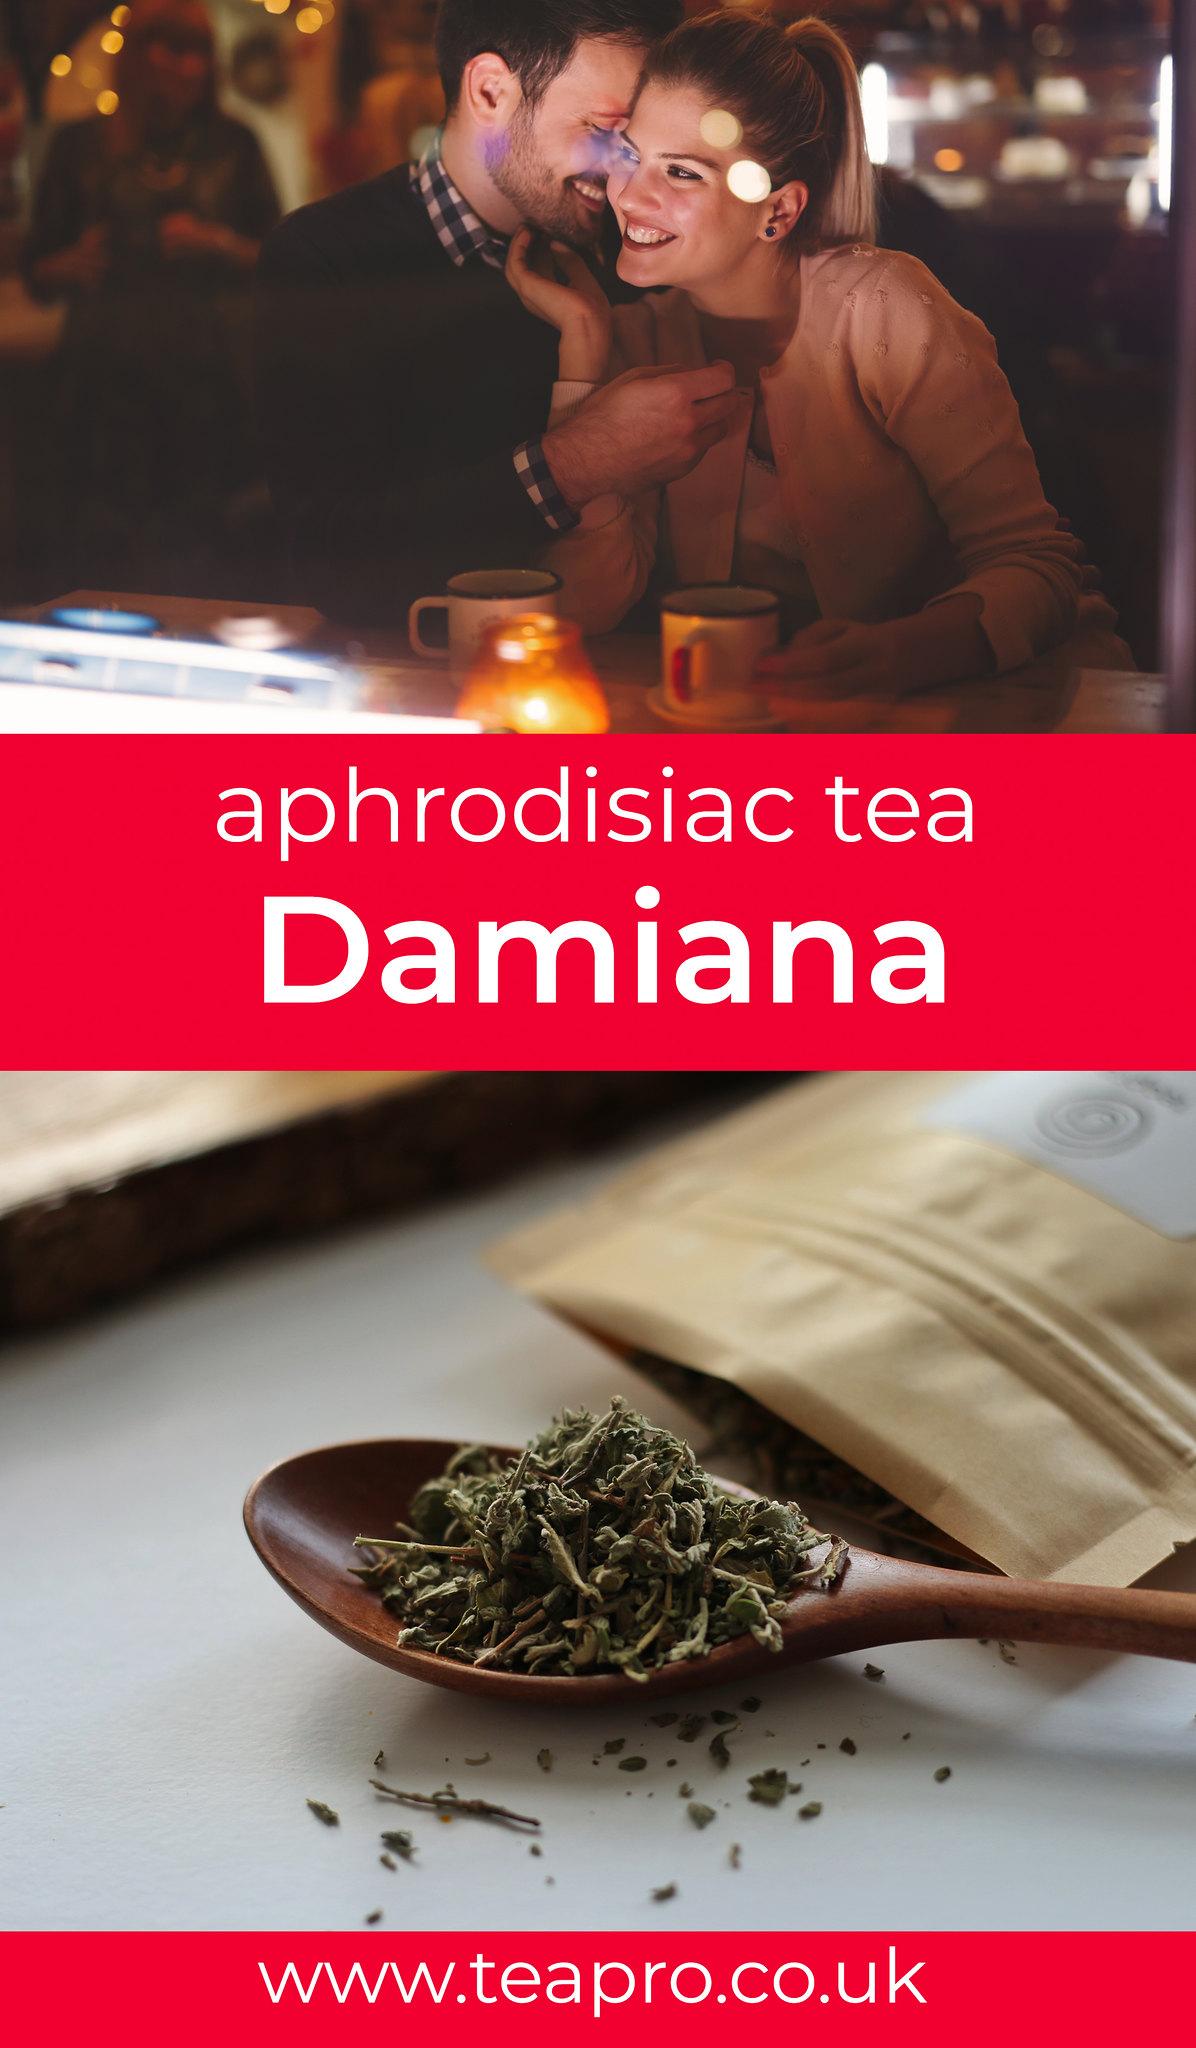 aphrodisiac-tea